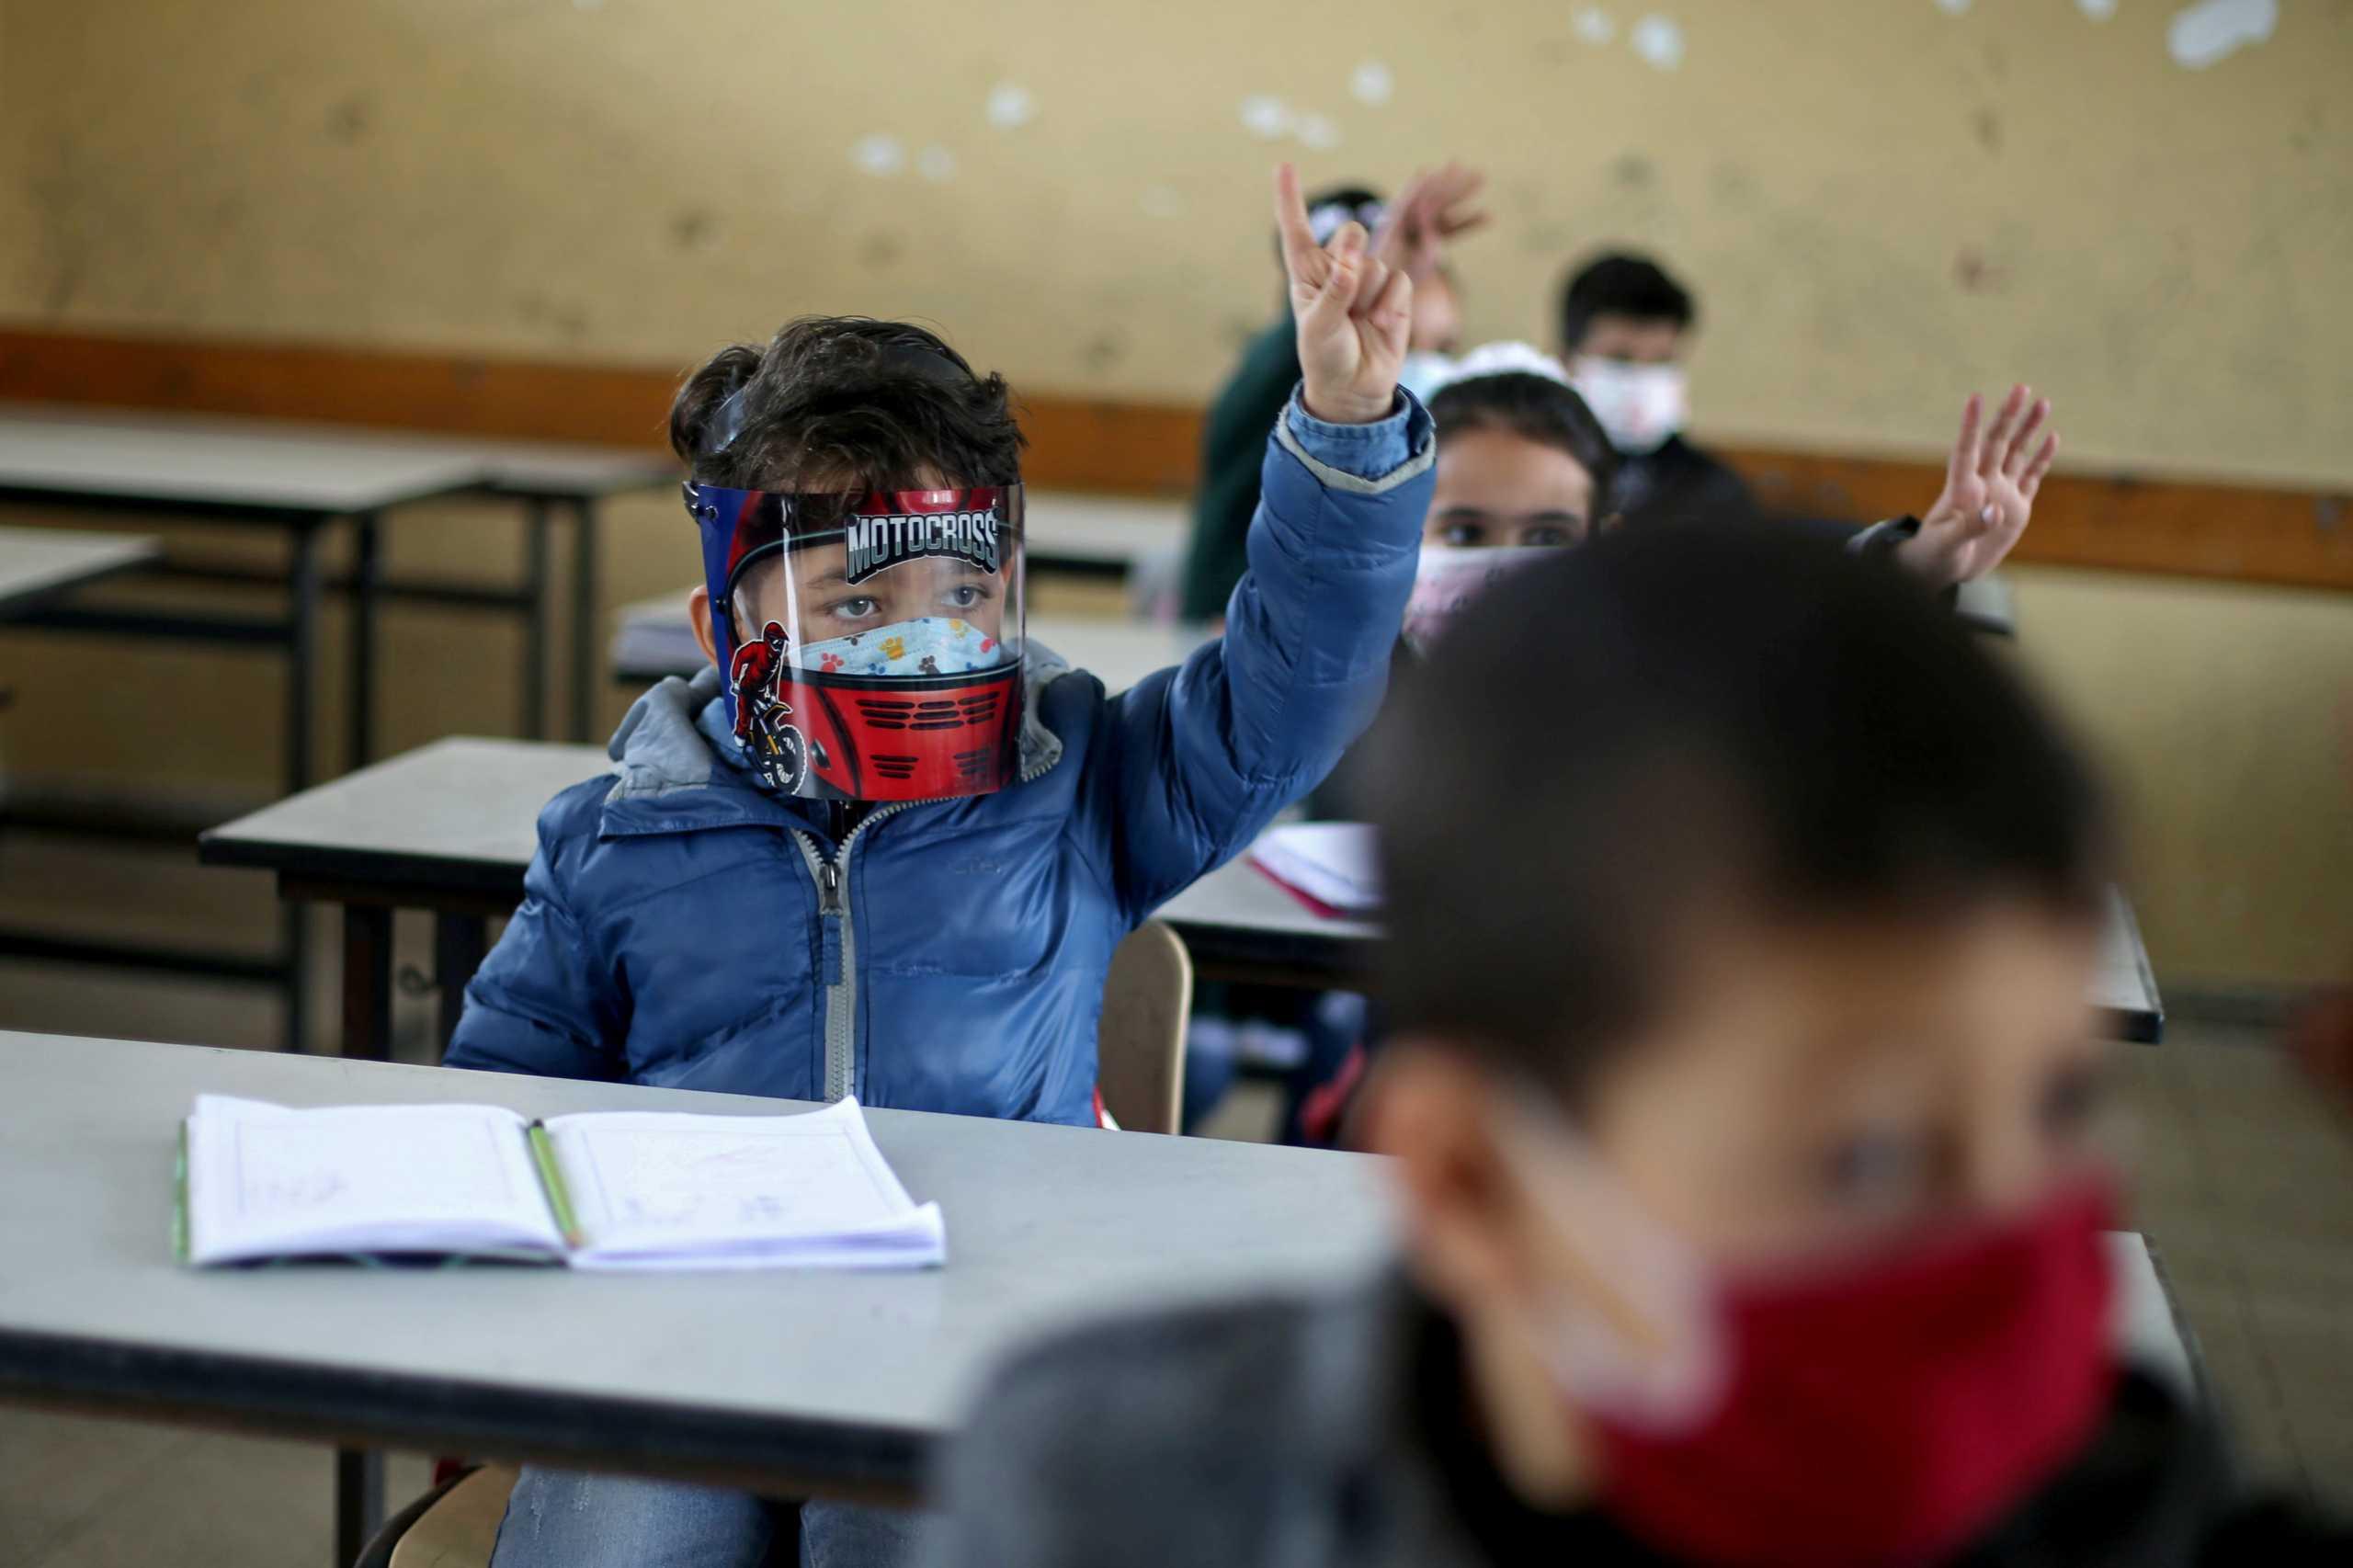 Νέα μελέτη: Το κλείσιμο των σχολείων ελάχιστα αποτρέπει τις σοβαρές περιπτώσεις Covid-19